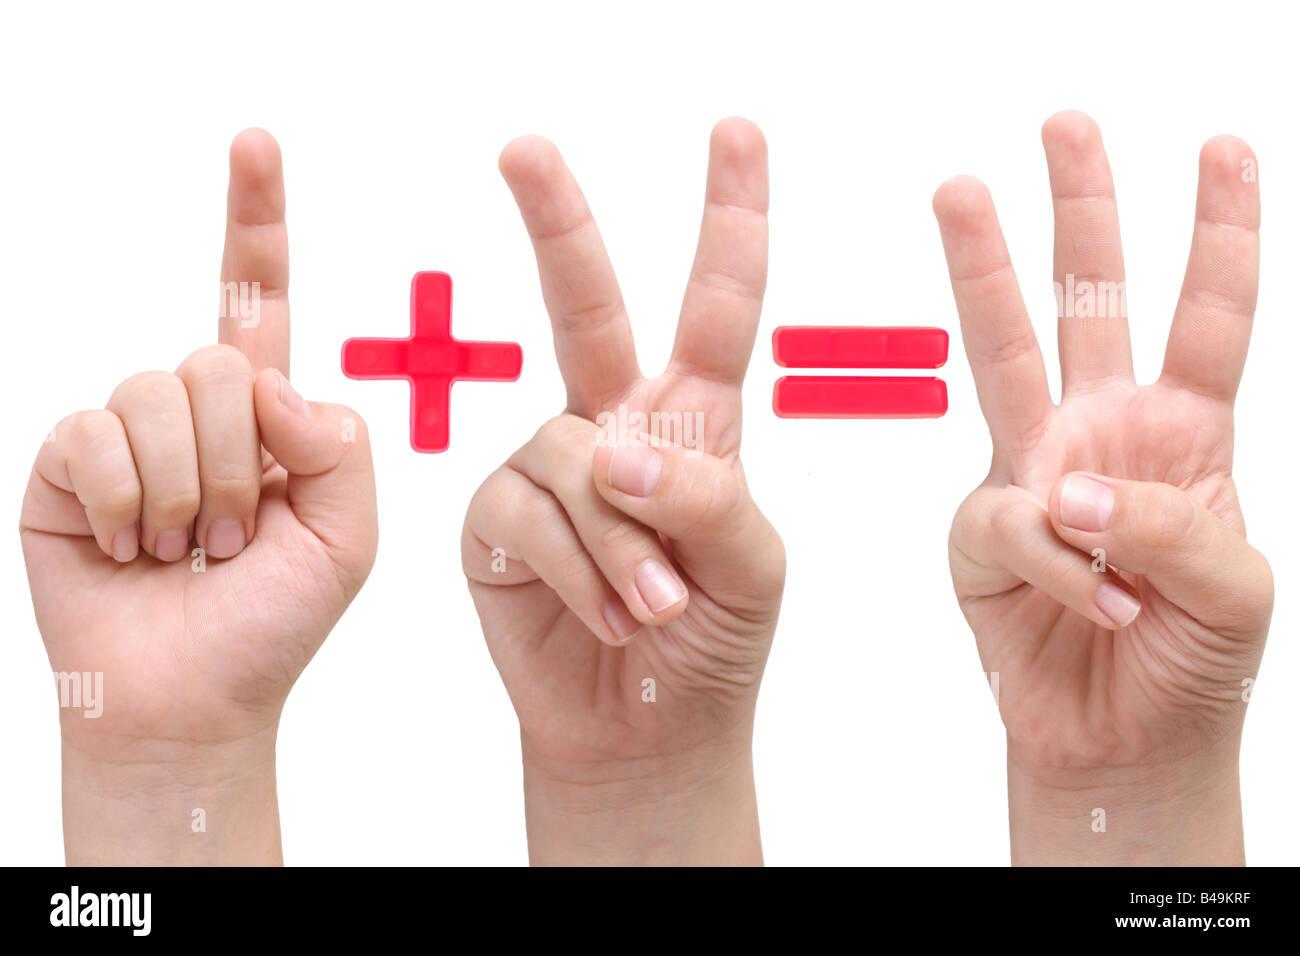 Les mains de l'enfant montrant l'un deux et trois doigts avec plus et le signe égal entre les deux Photo Stock